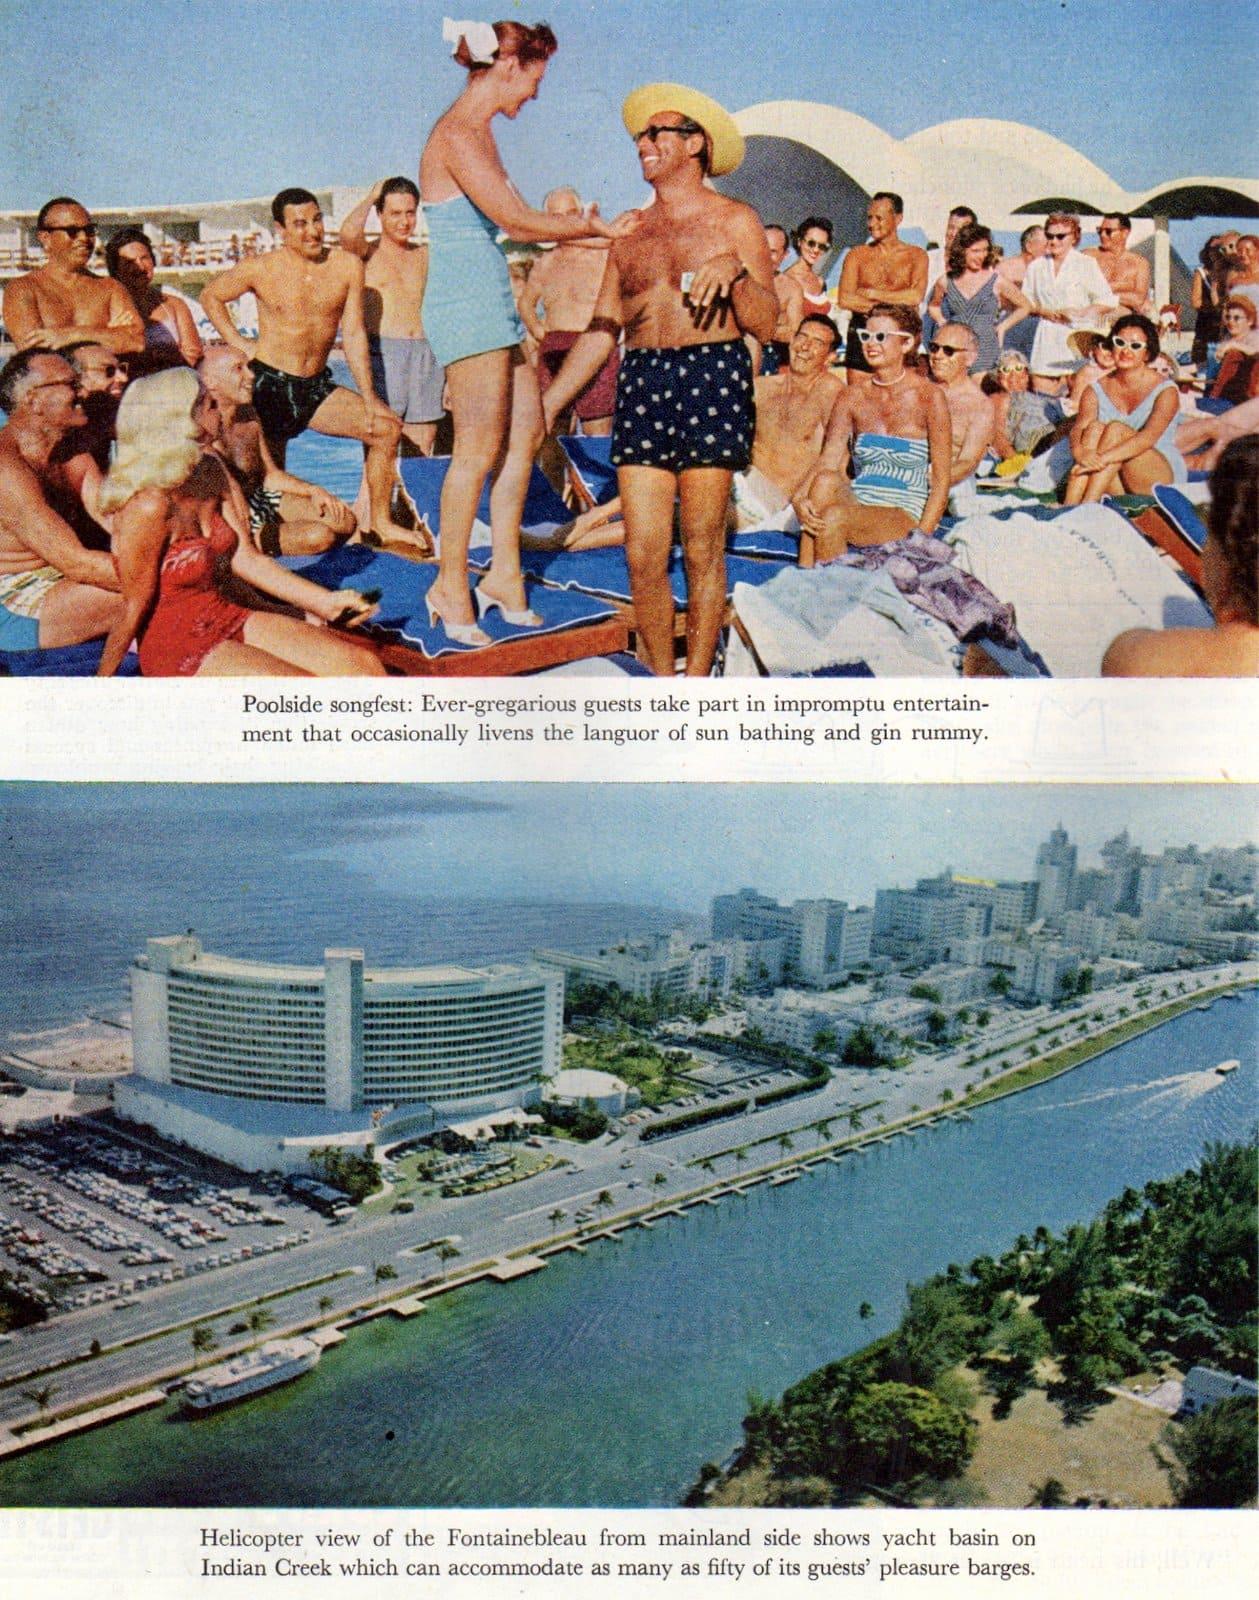 Old Florida fun in 1957